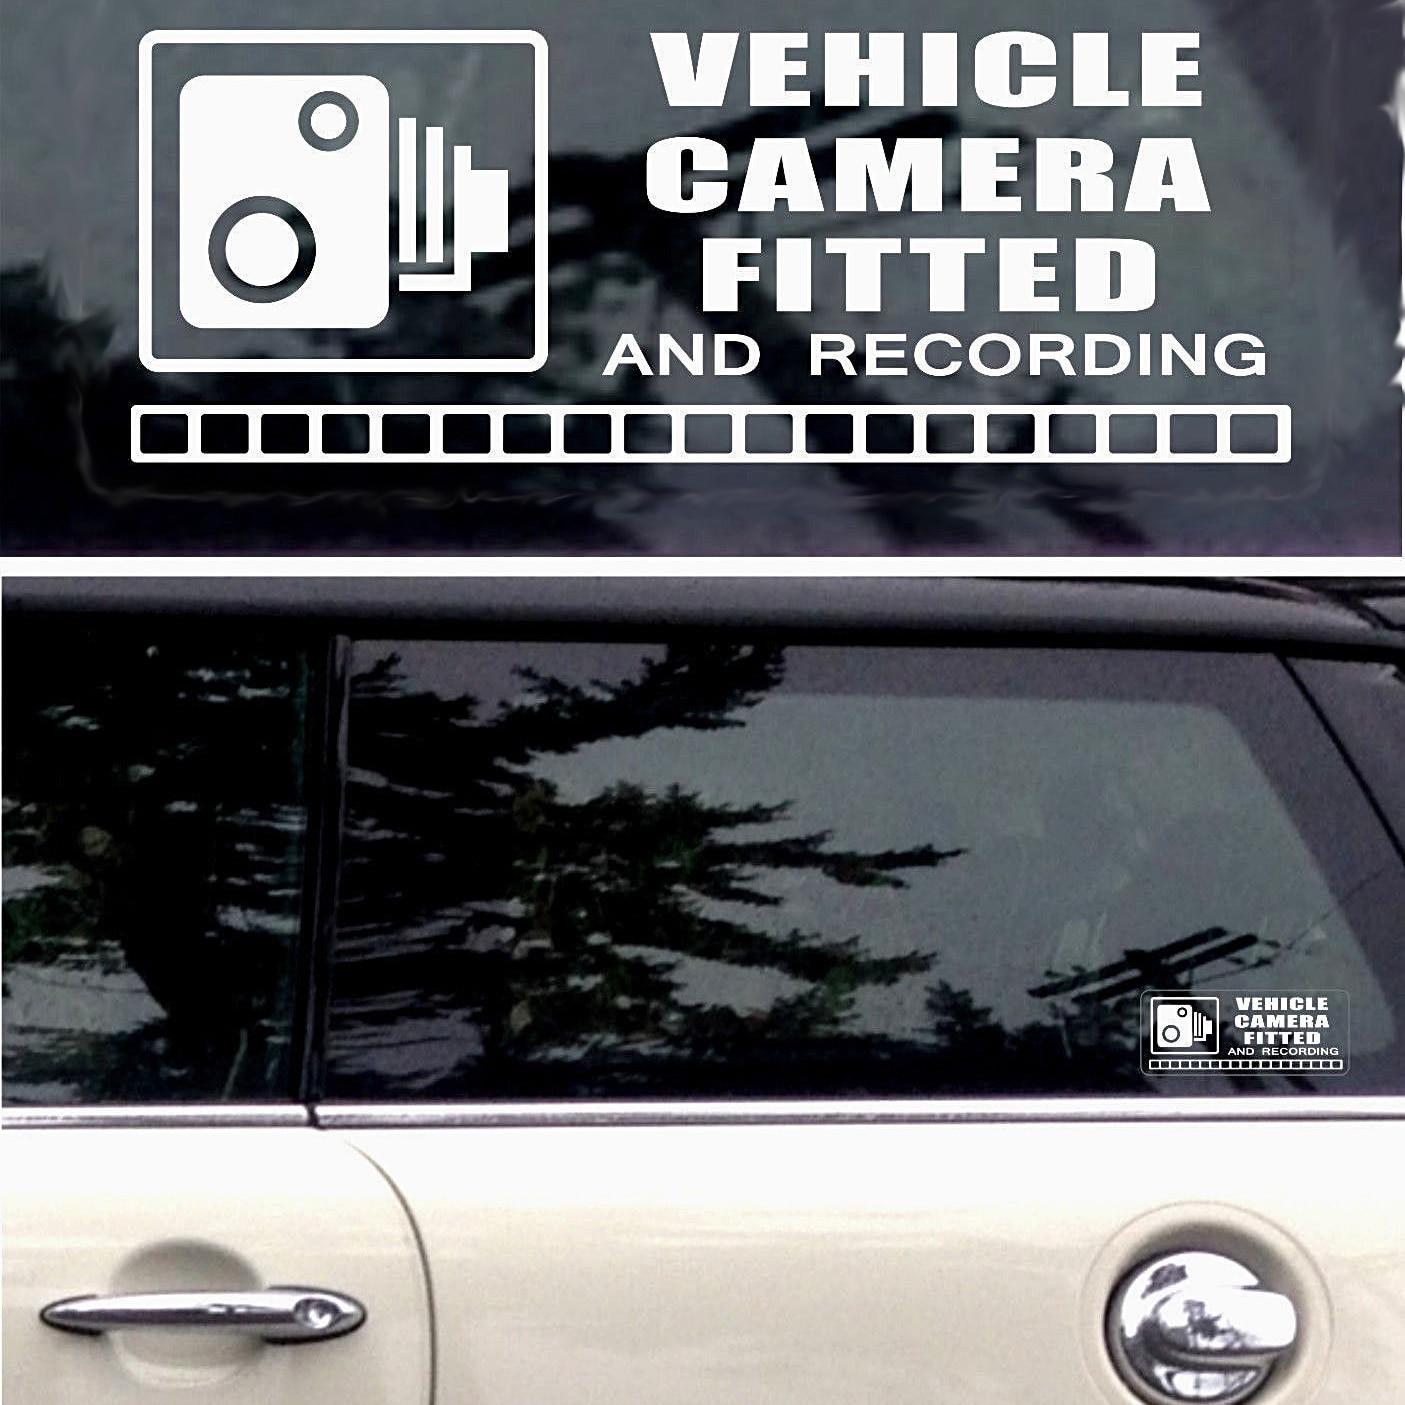 Pegatinas de advertencia para espejo, 1 par, grabación de videocámara CCTV, ventana de vehículo, vinilo, envoltura para coche, decoración, pegatinas para Estilismo de coche